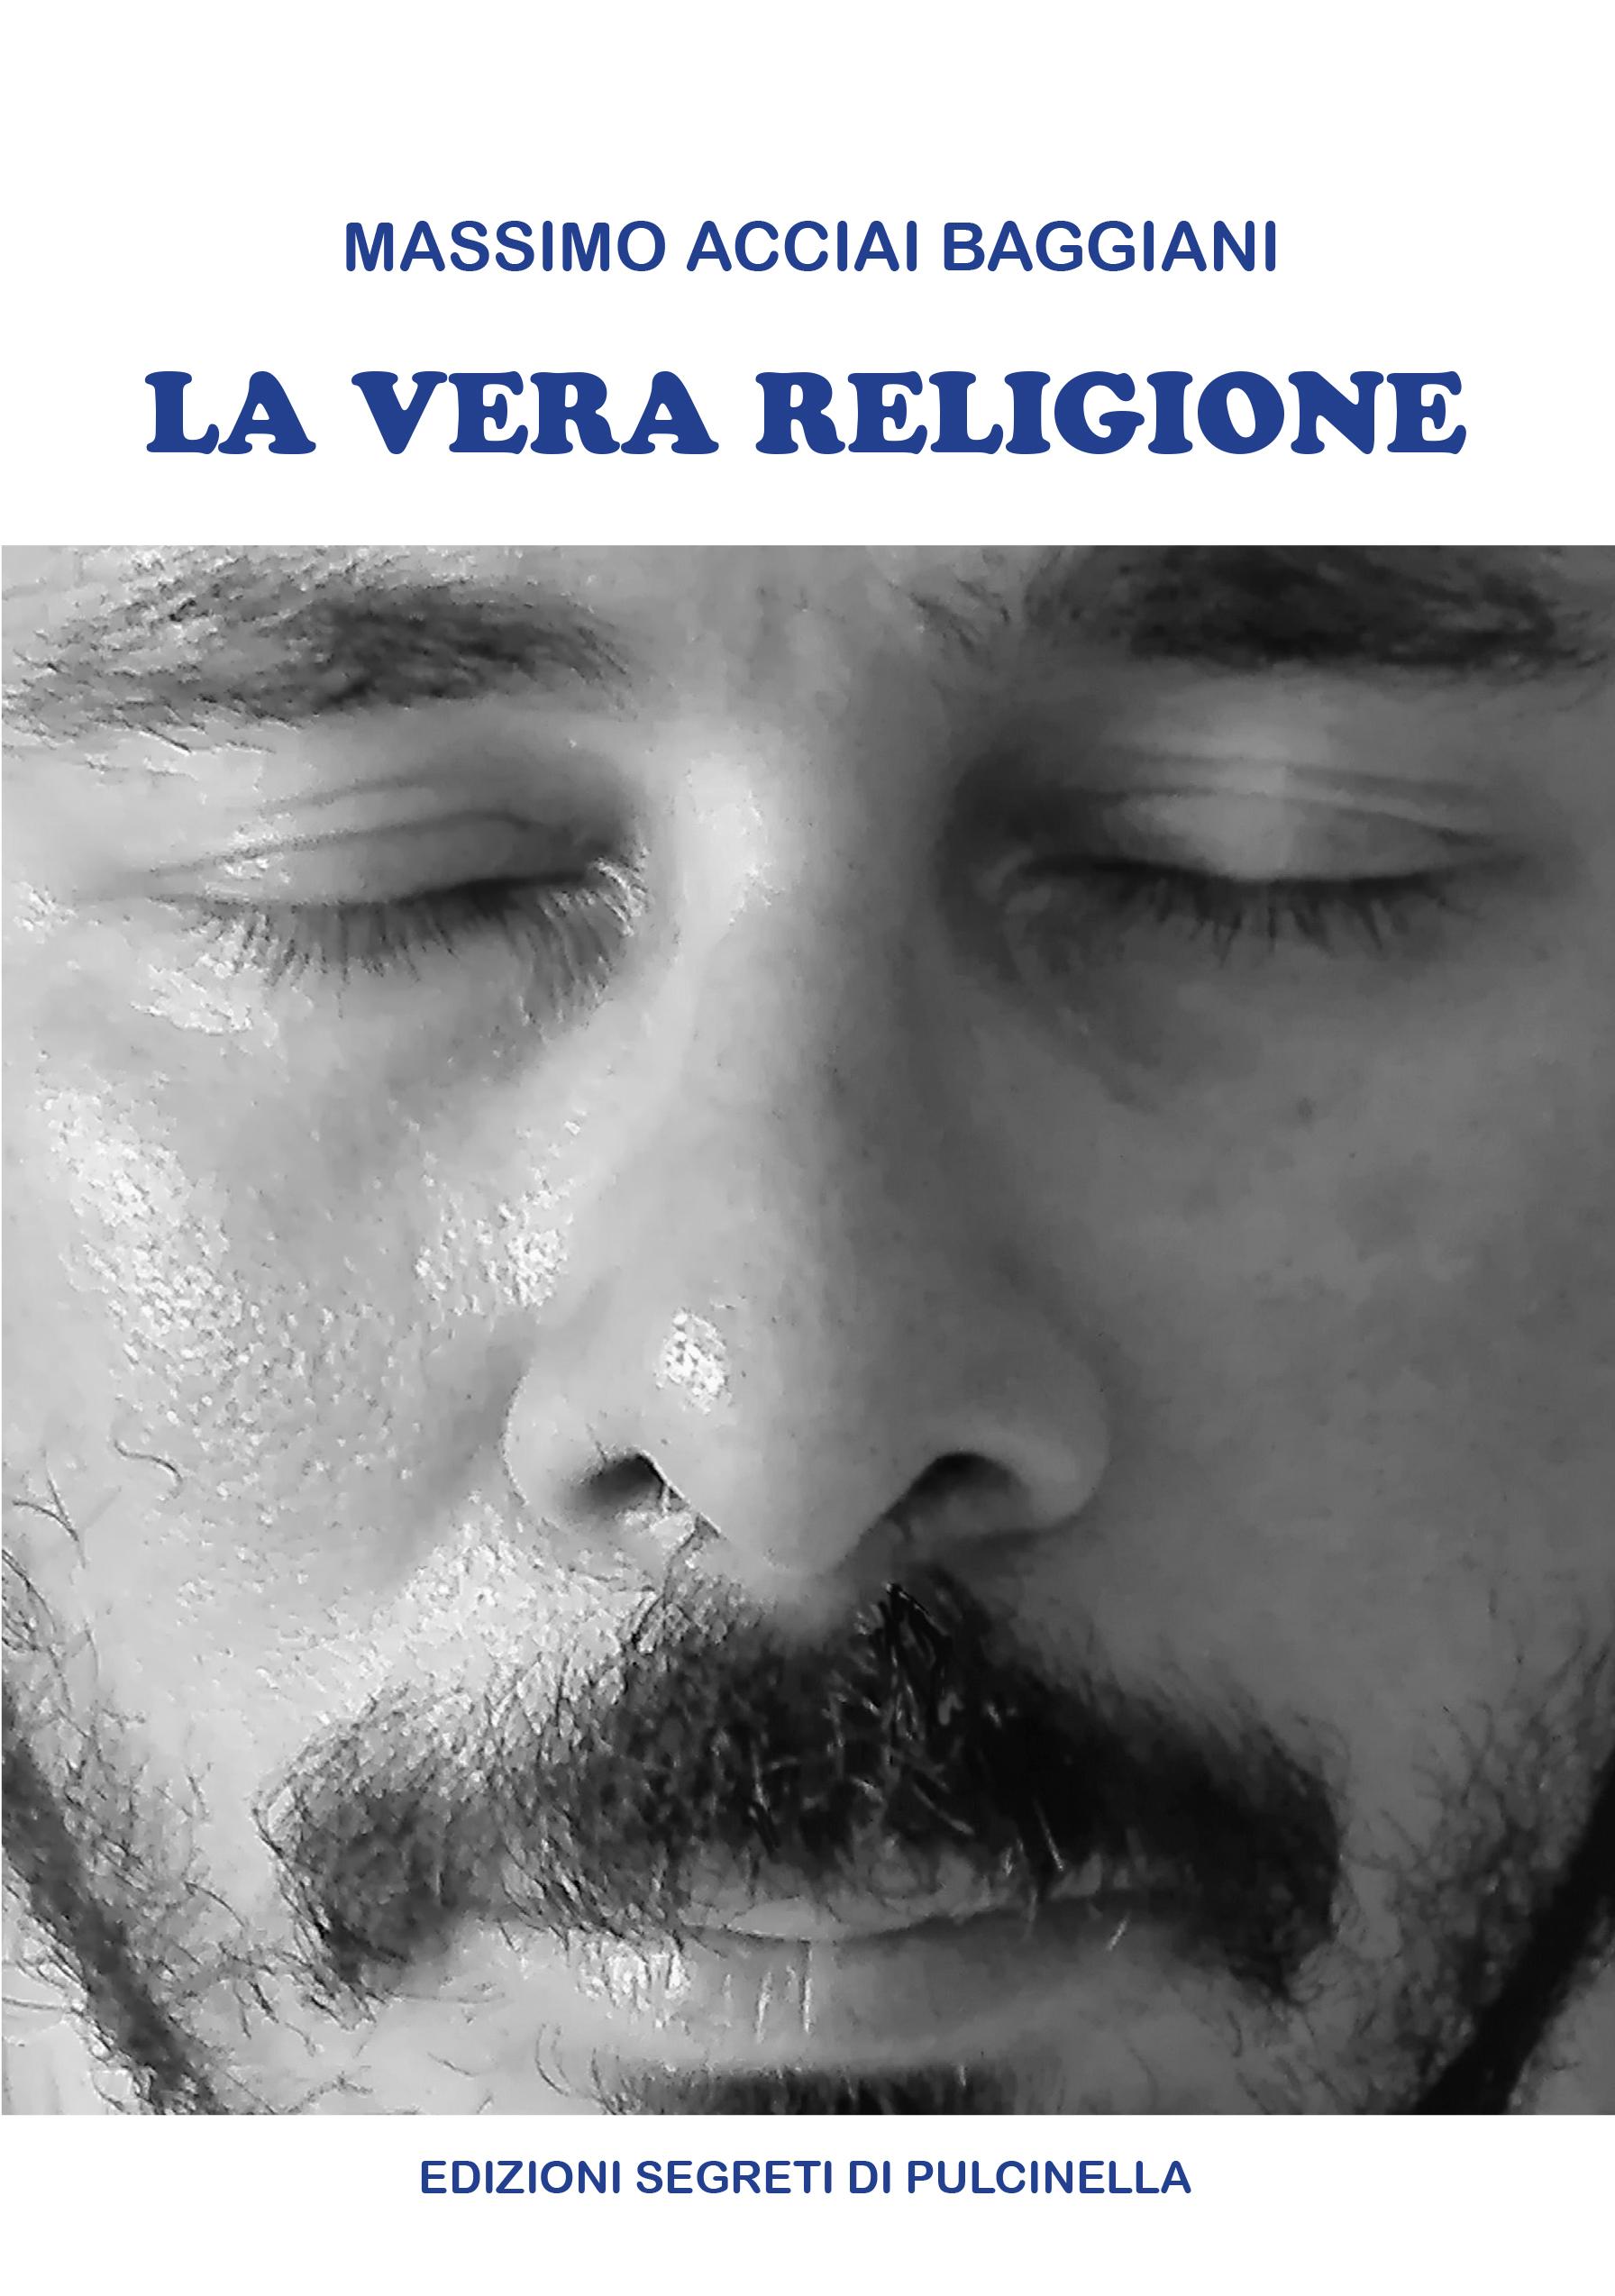 copertina_religione_monoblocco2